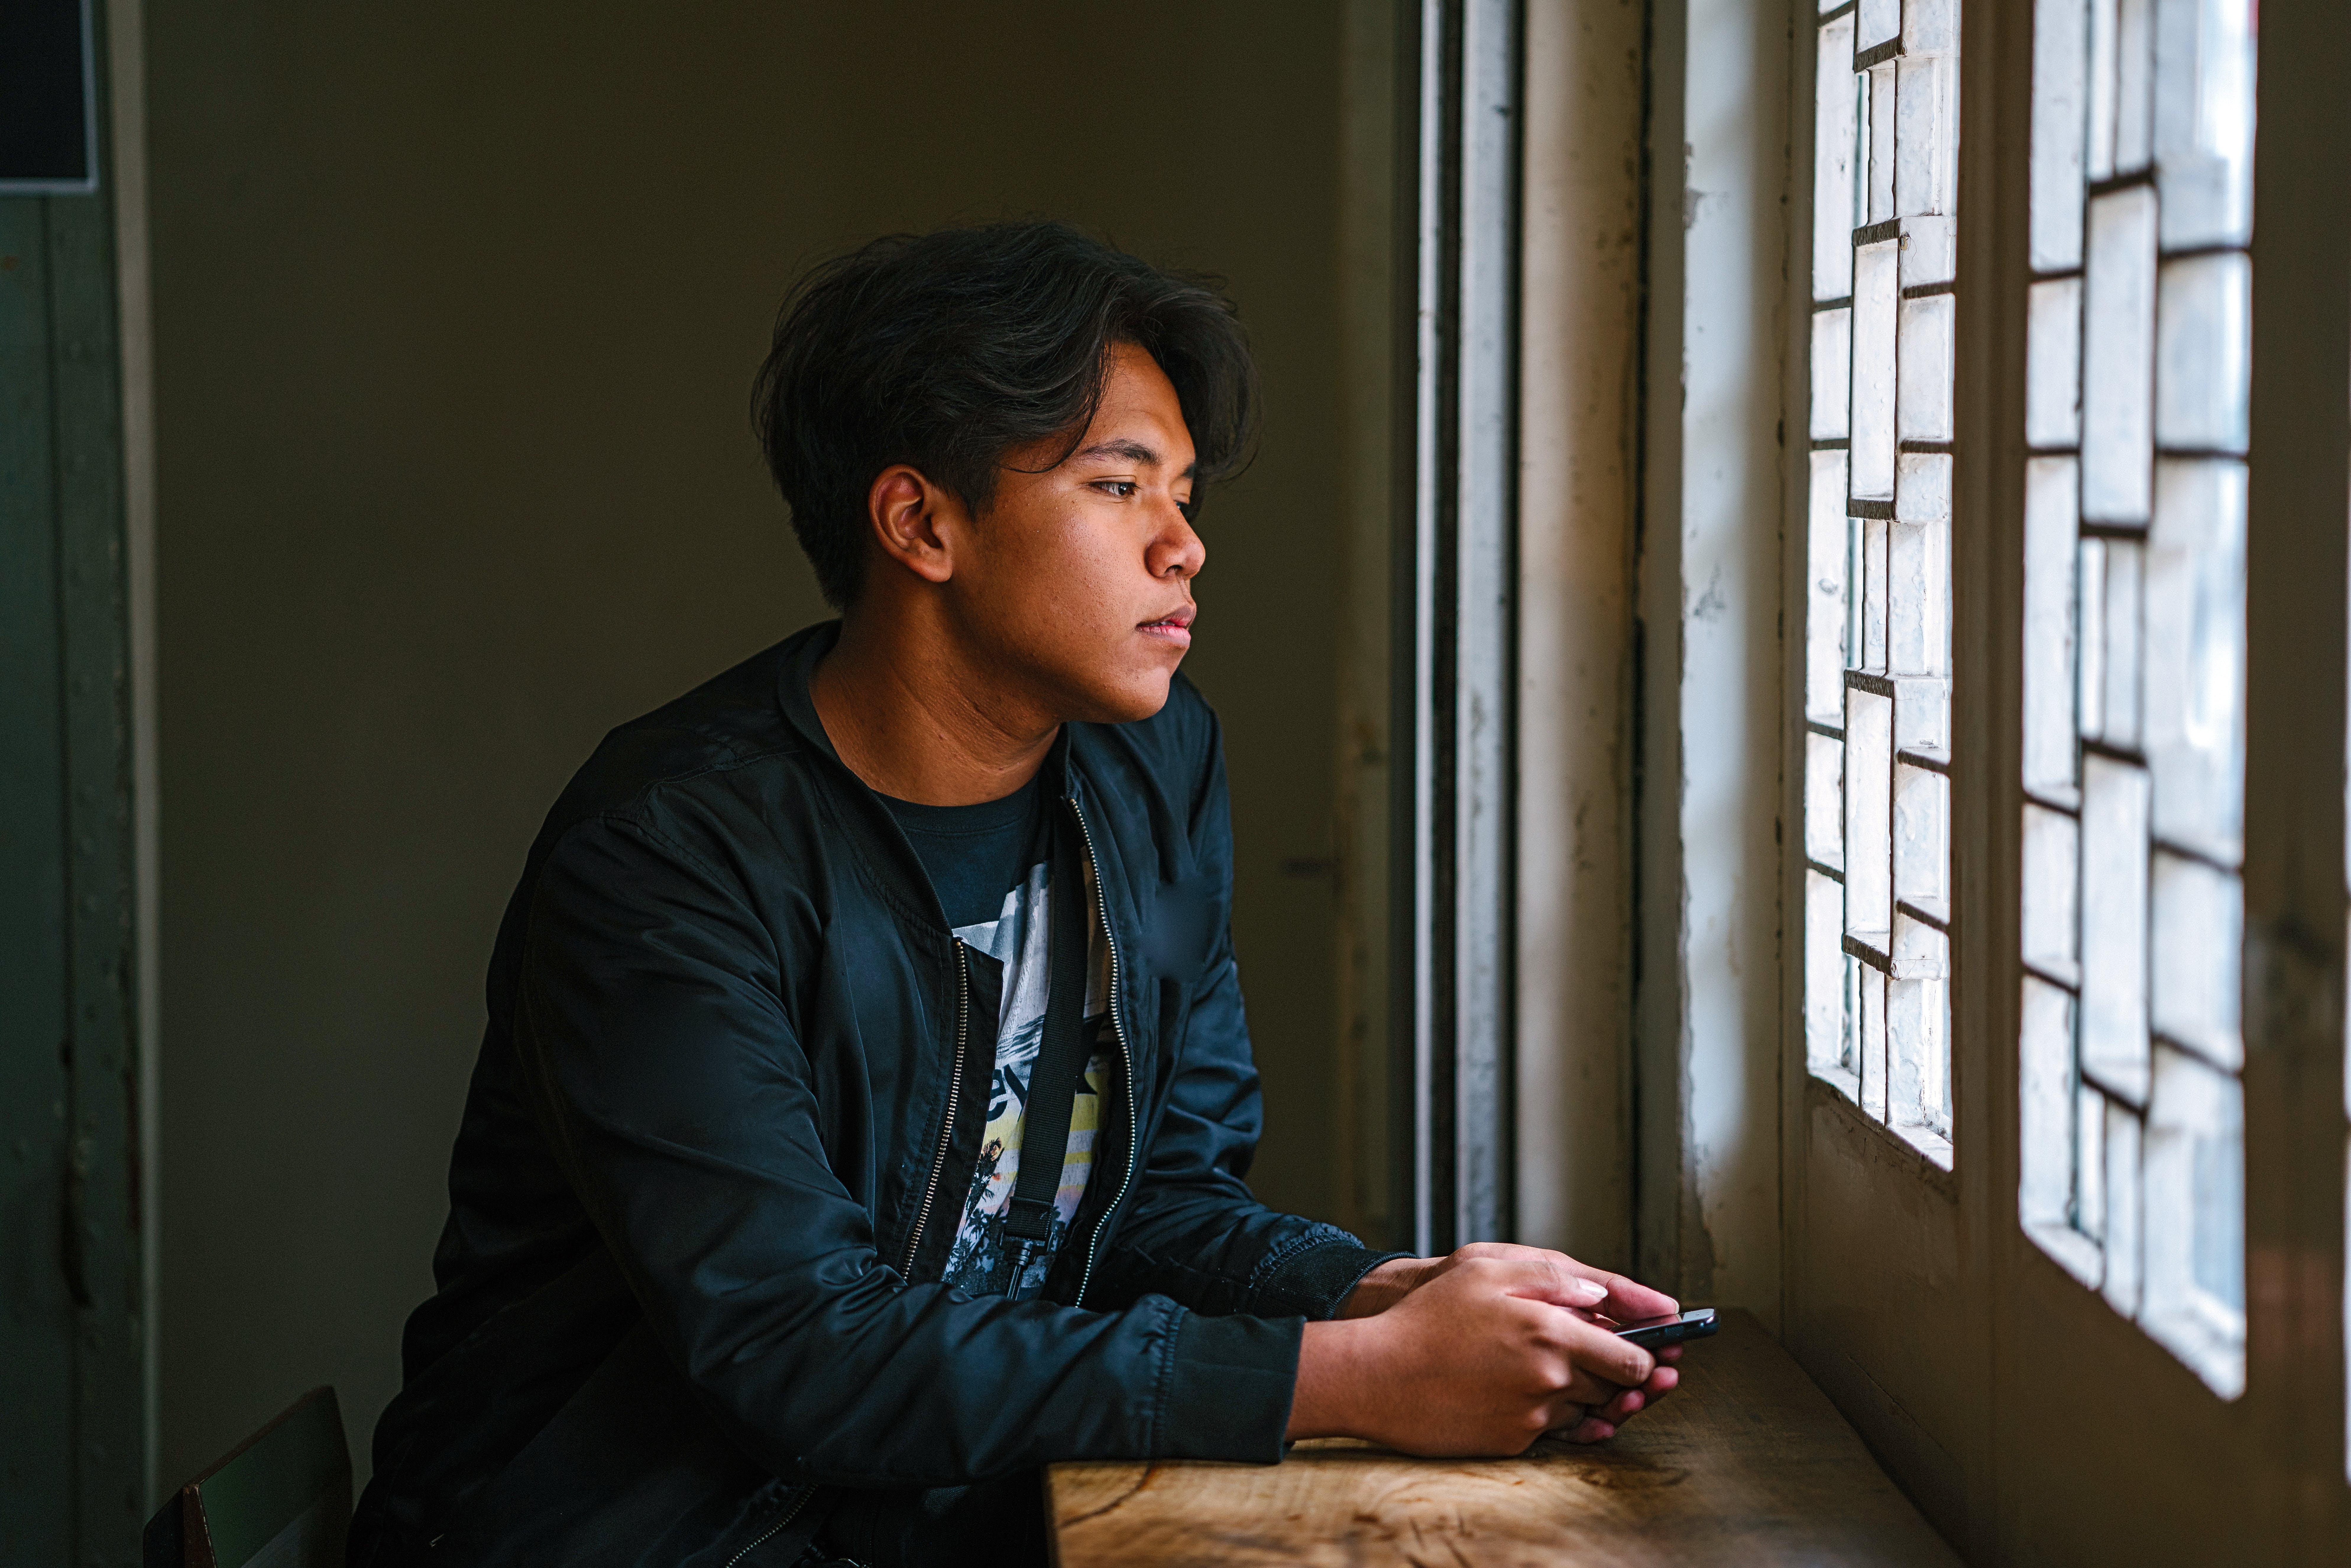 Man Beside Window Wearing Black Jacket